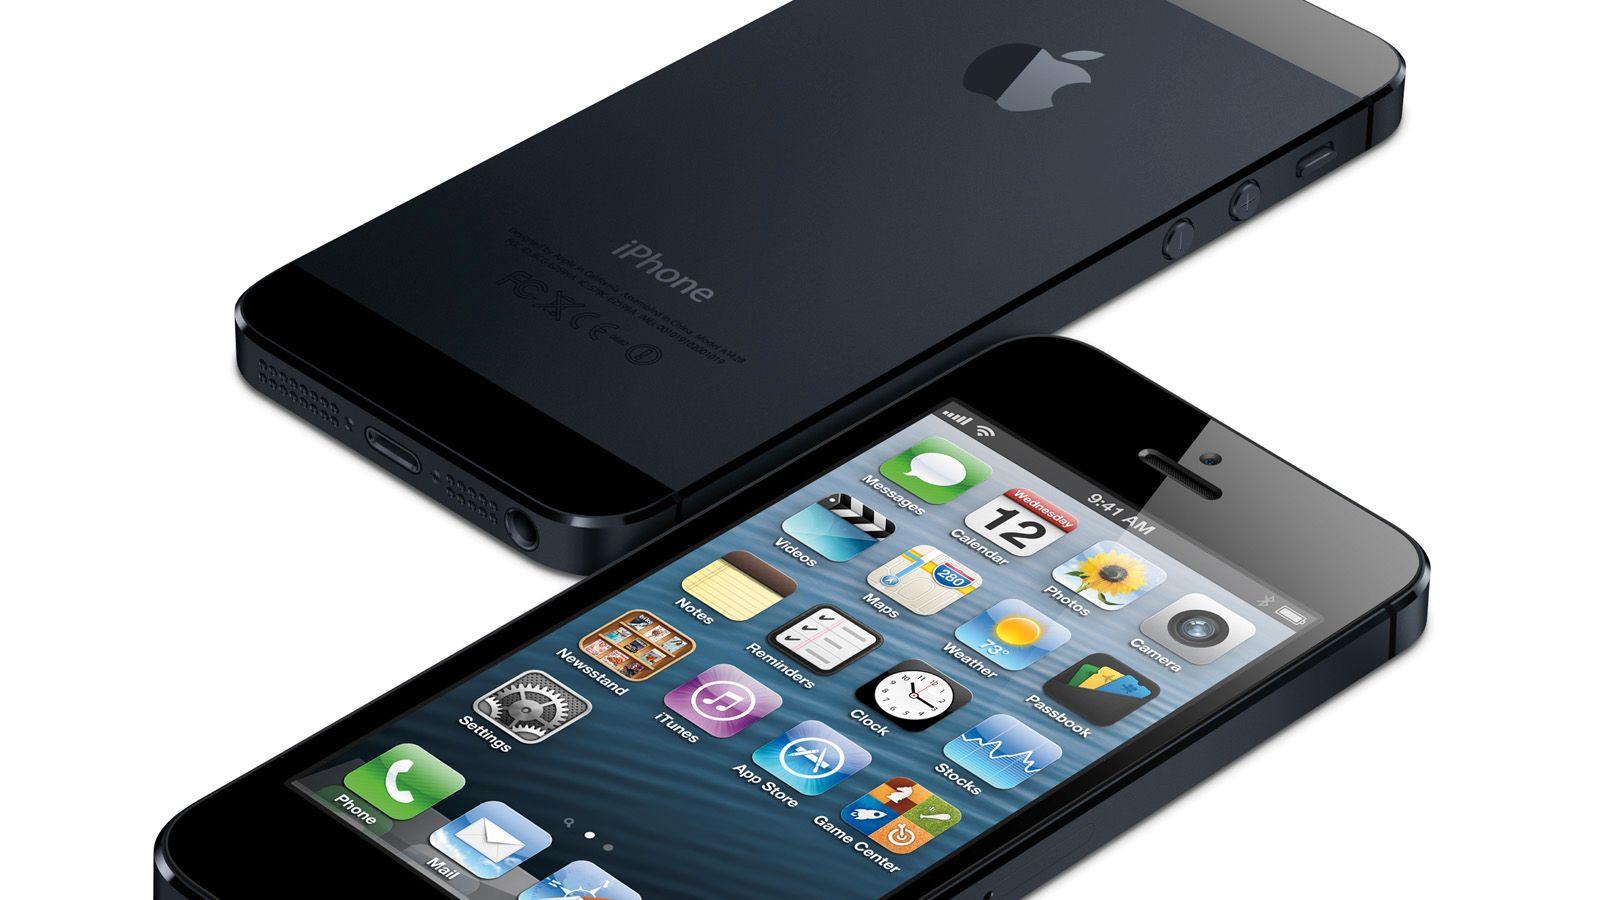 Dette mangler i iPhone 5